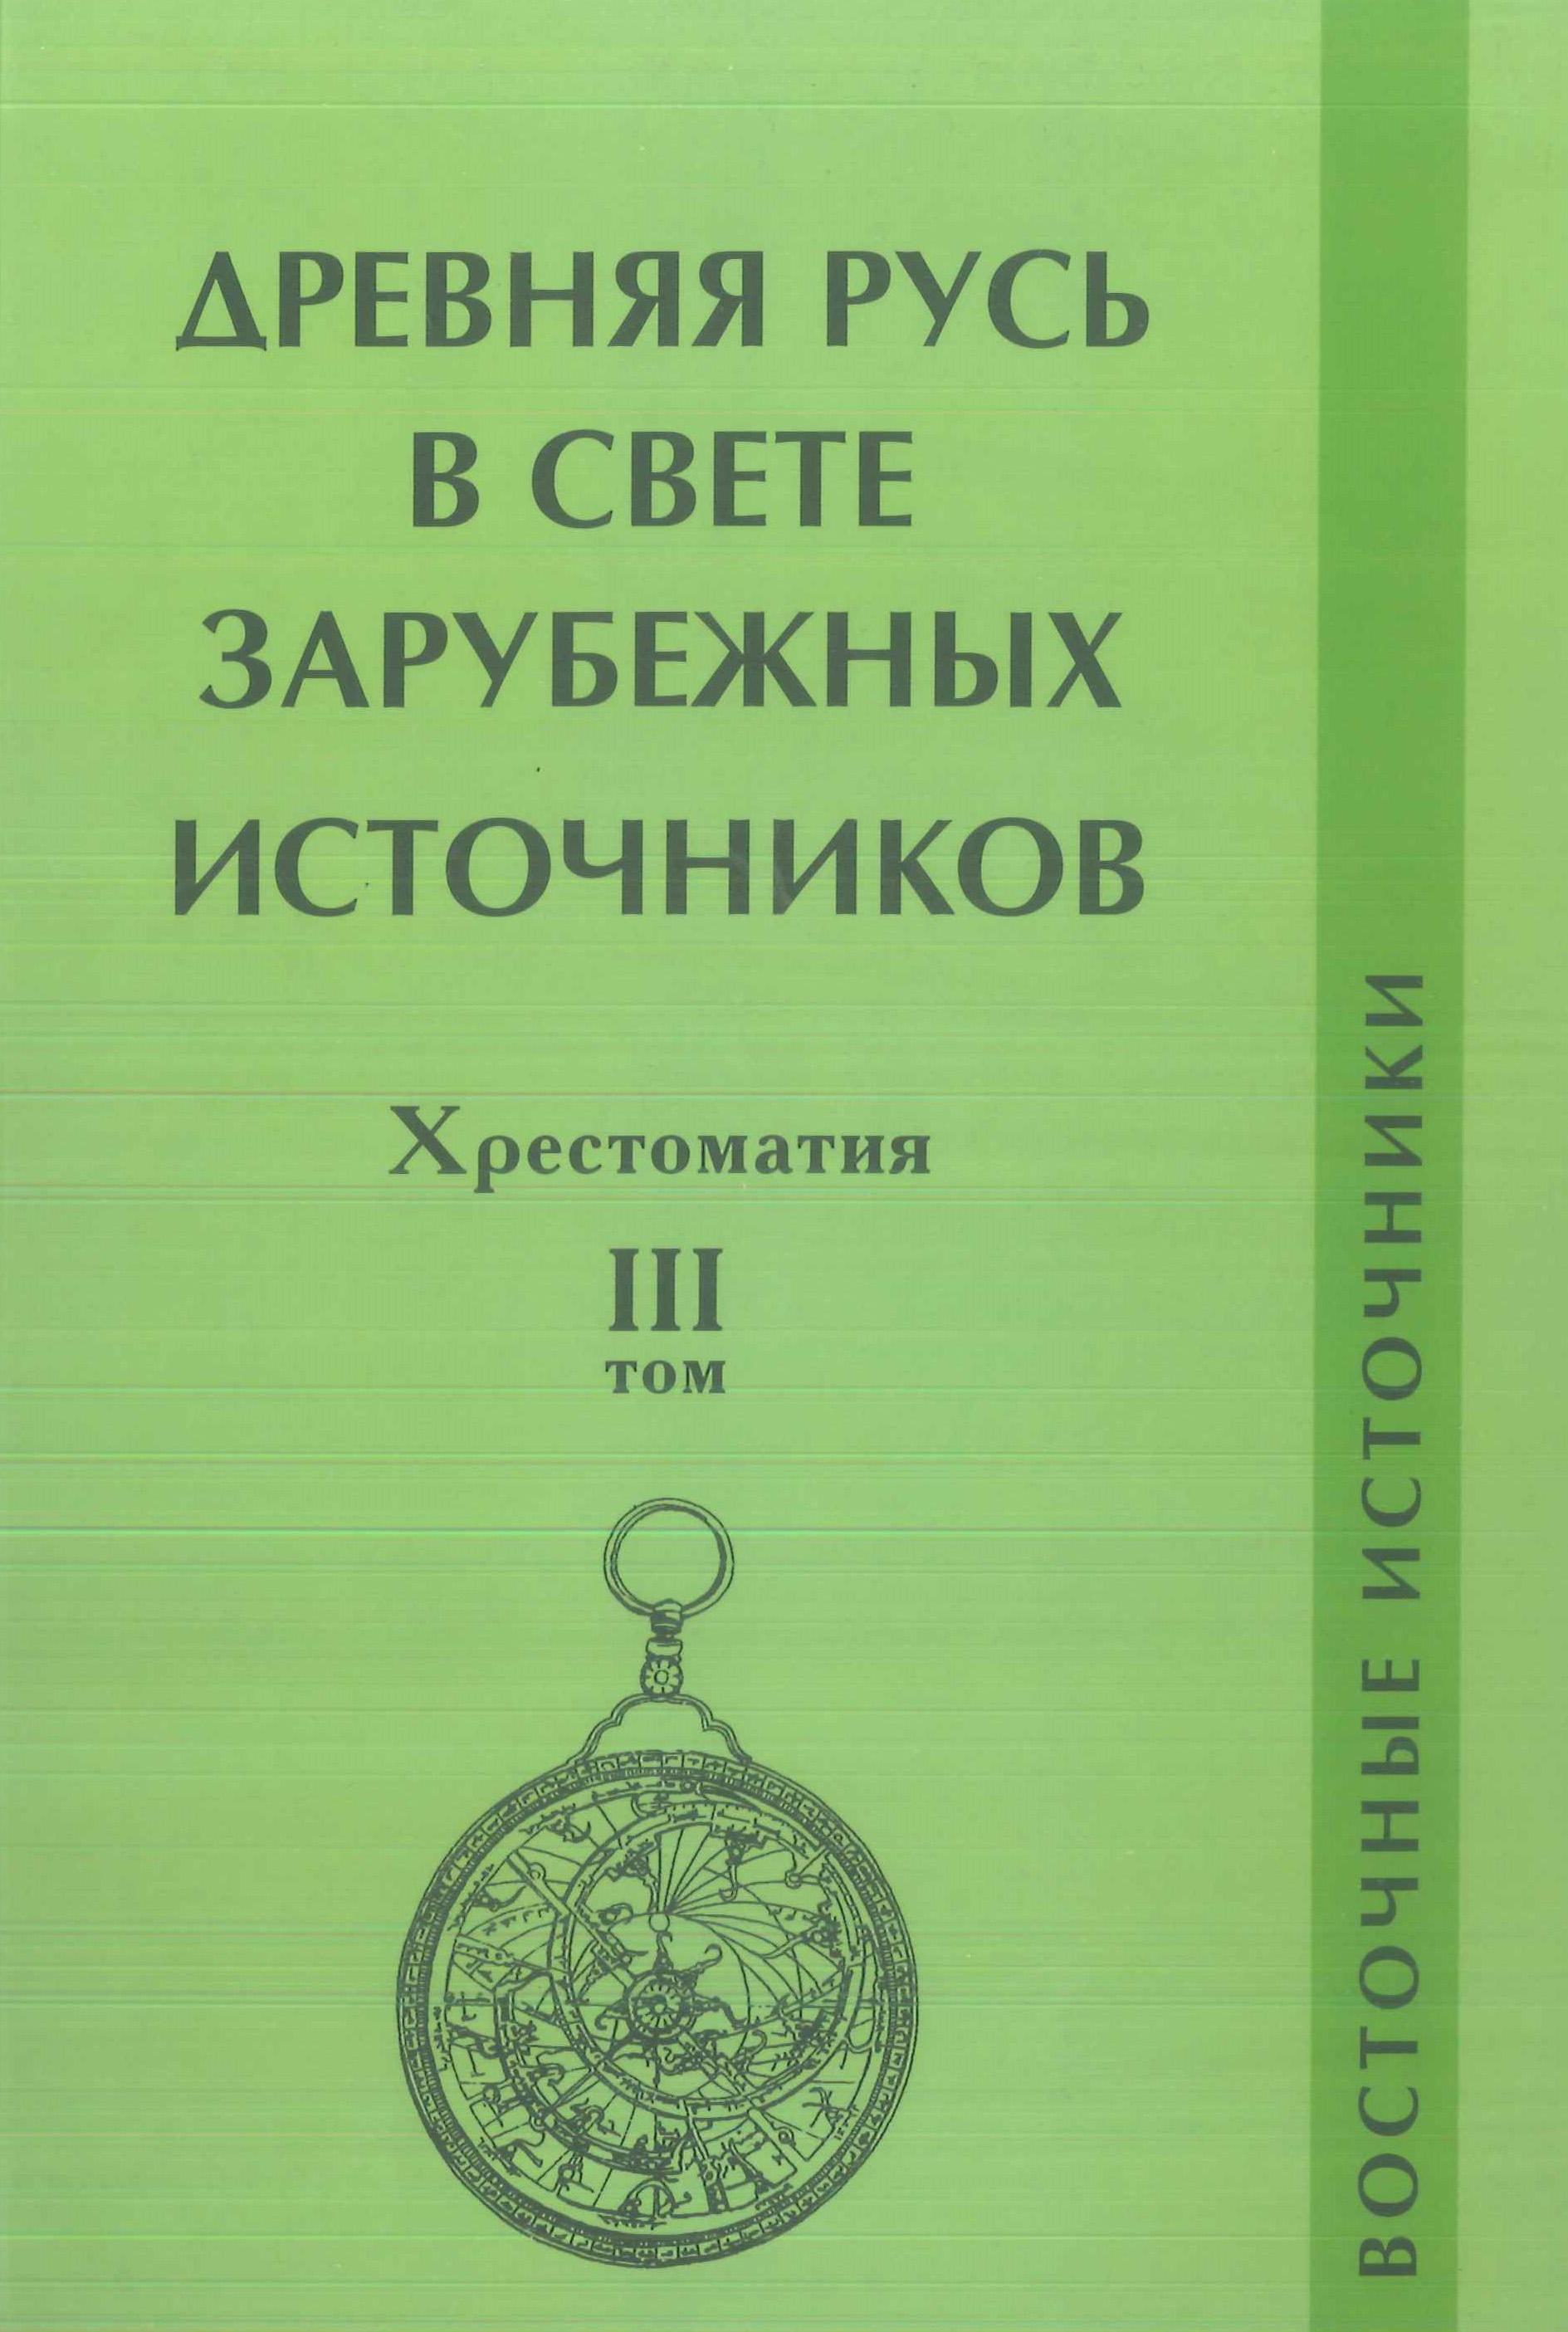 Отсутствует Древняя Русь в свете зарубежных источников. Том III. Восточные источники цена